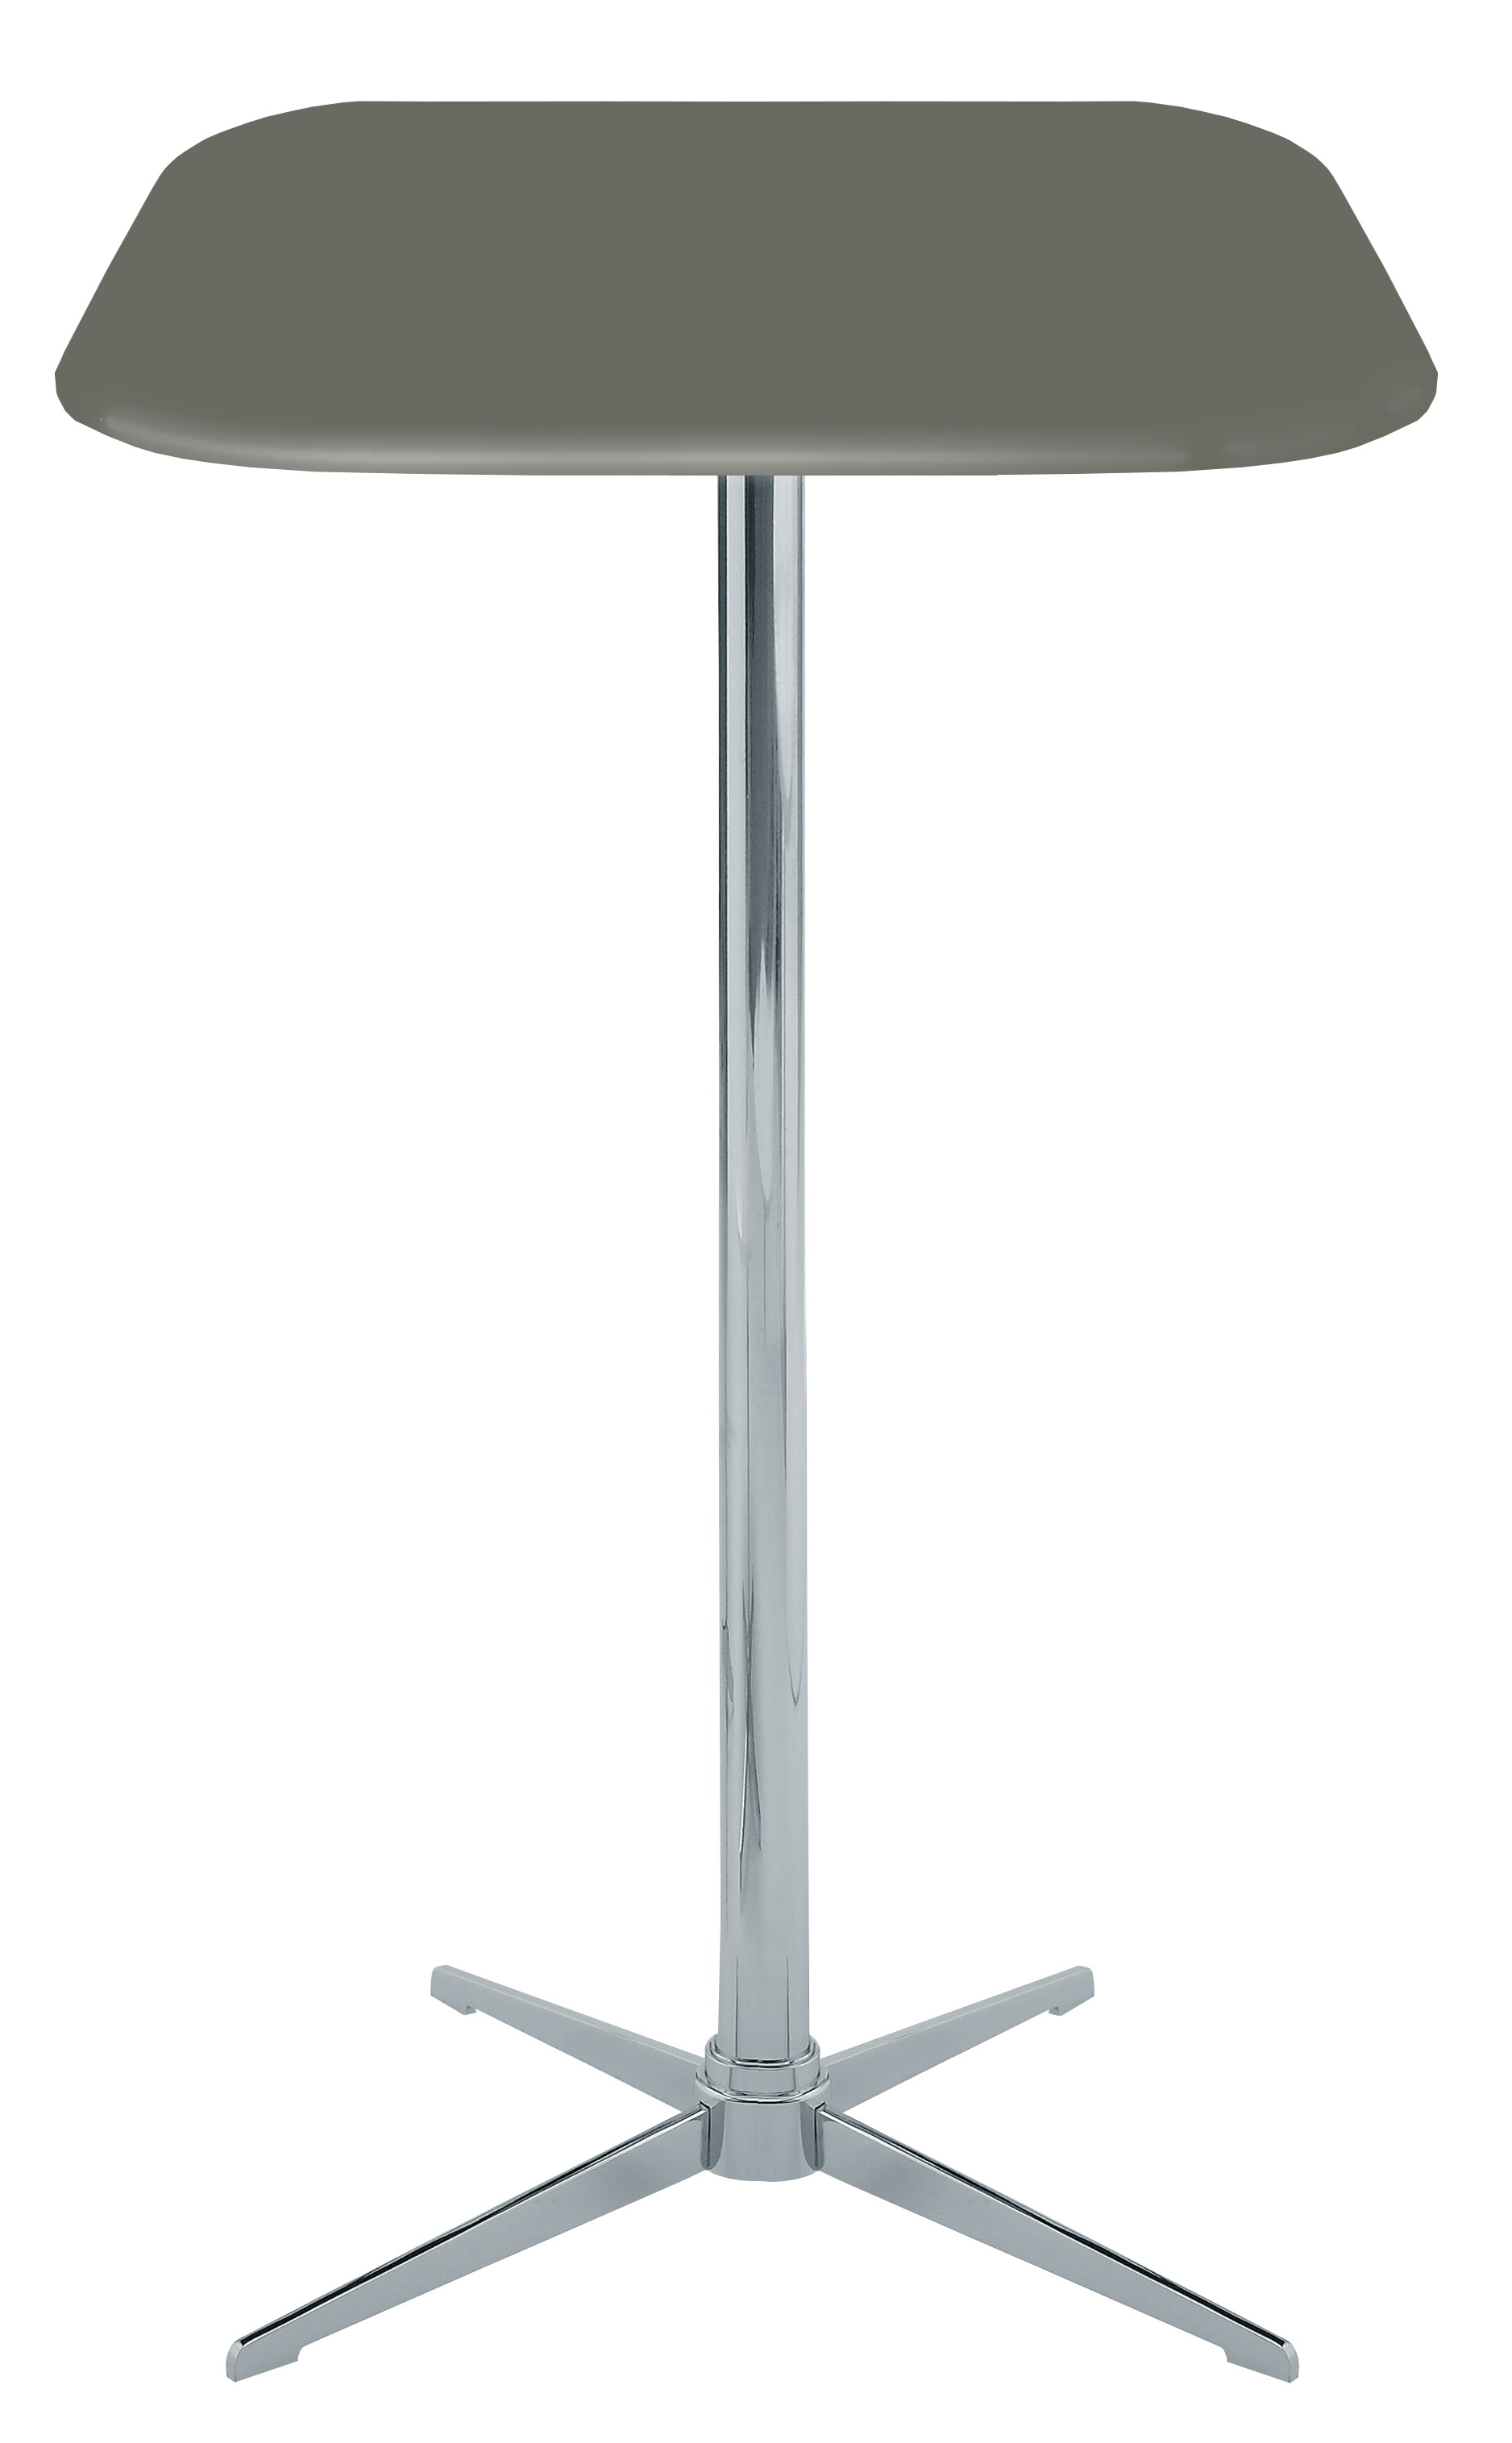 axeum-bar-table-gray.jpg